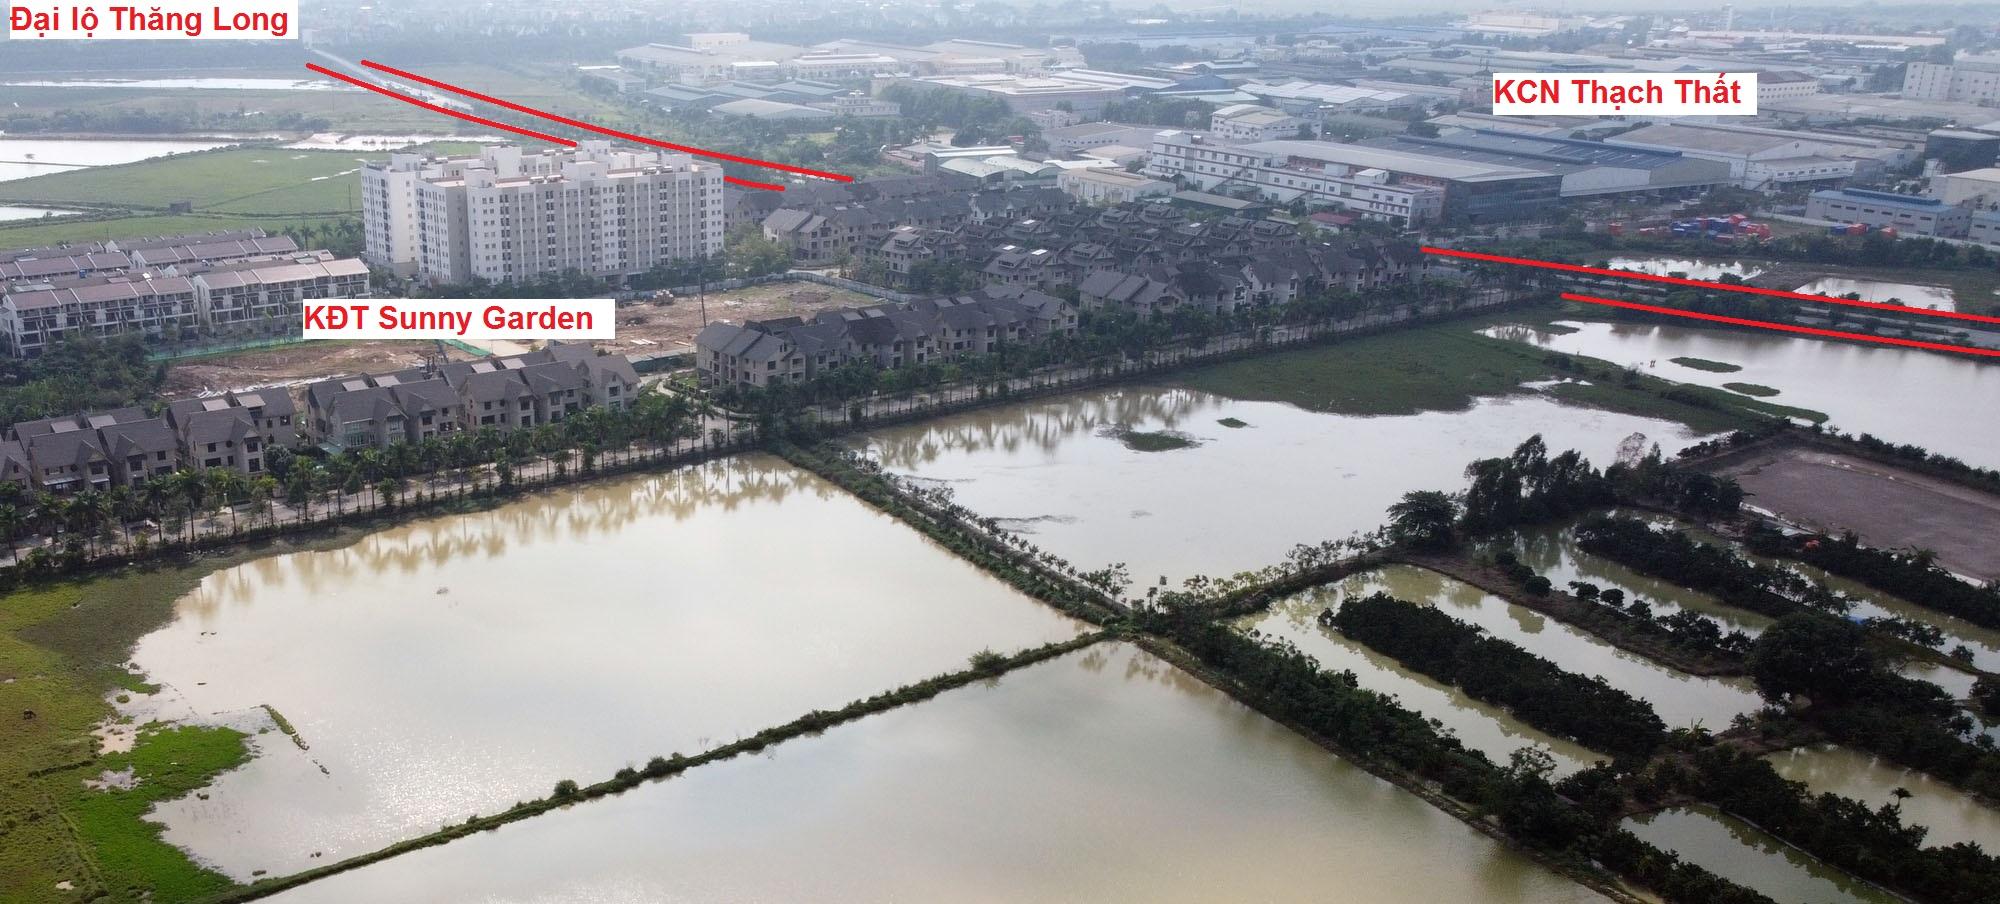 Ba đường sẽ mở theo qui hoạch ở xã Sài Sơn, Quốc Oai, Hà Nội - Ảnh 8.